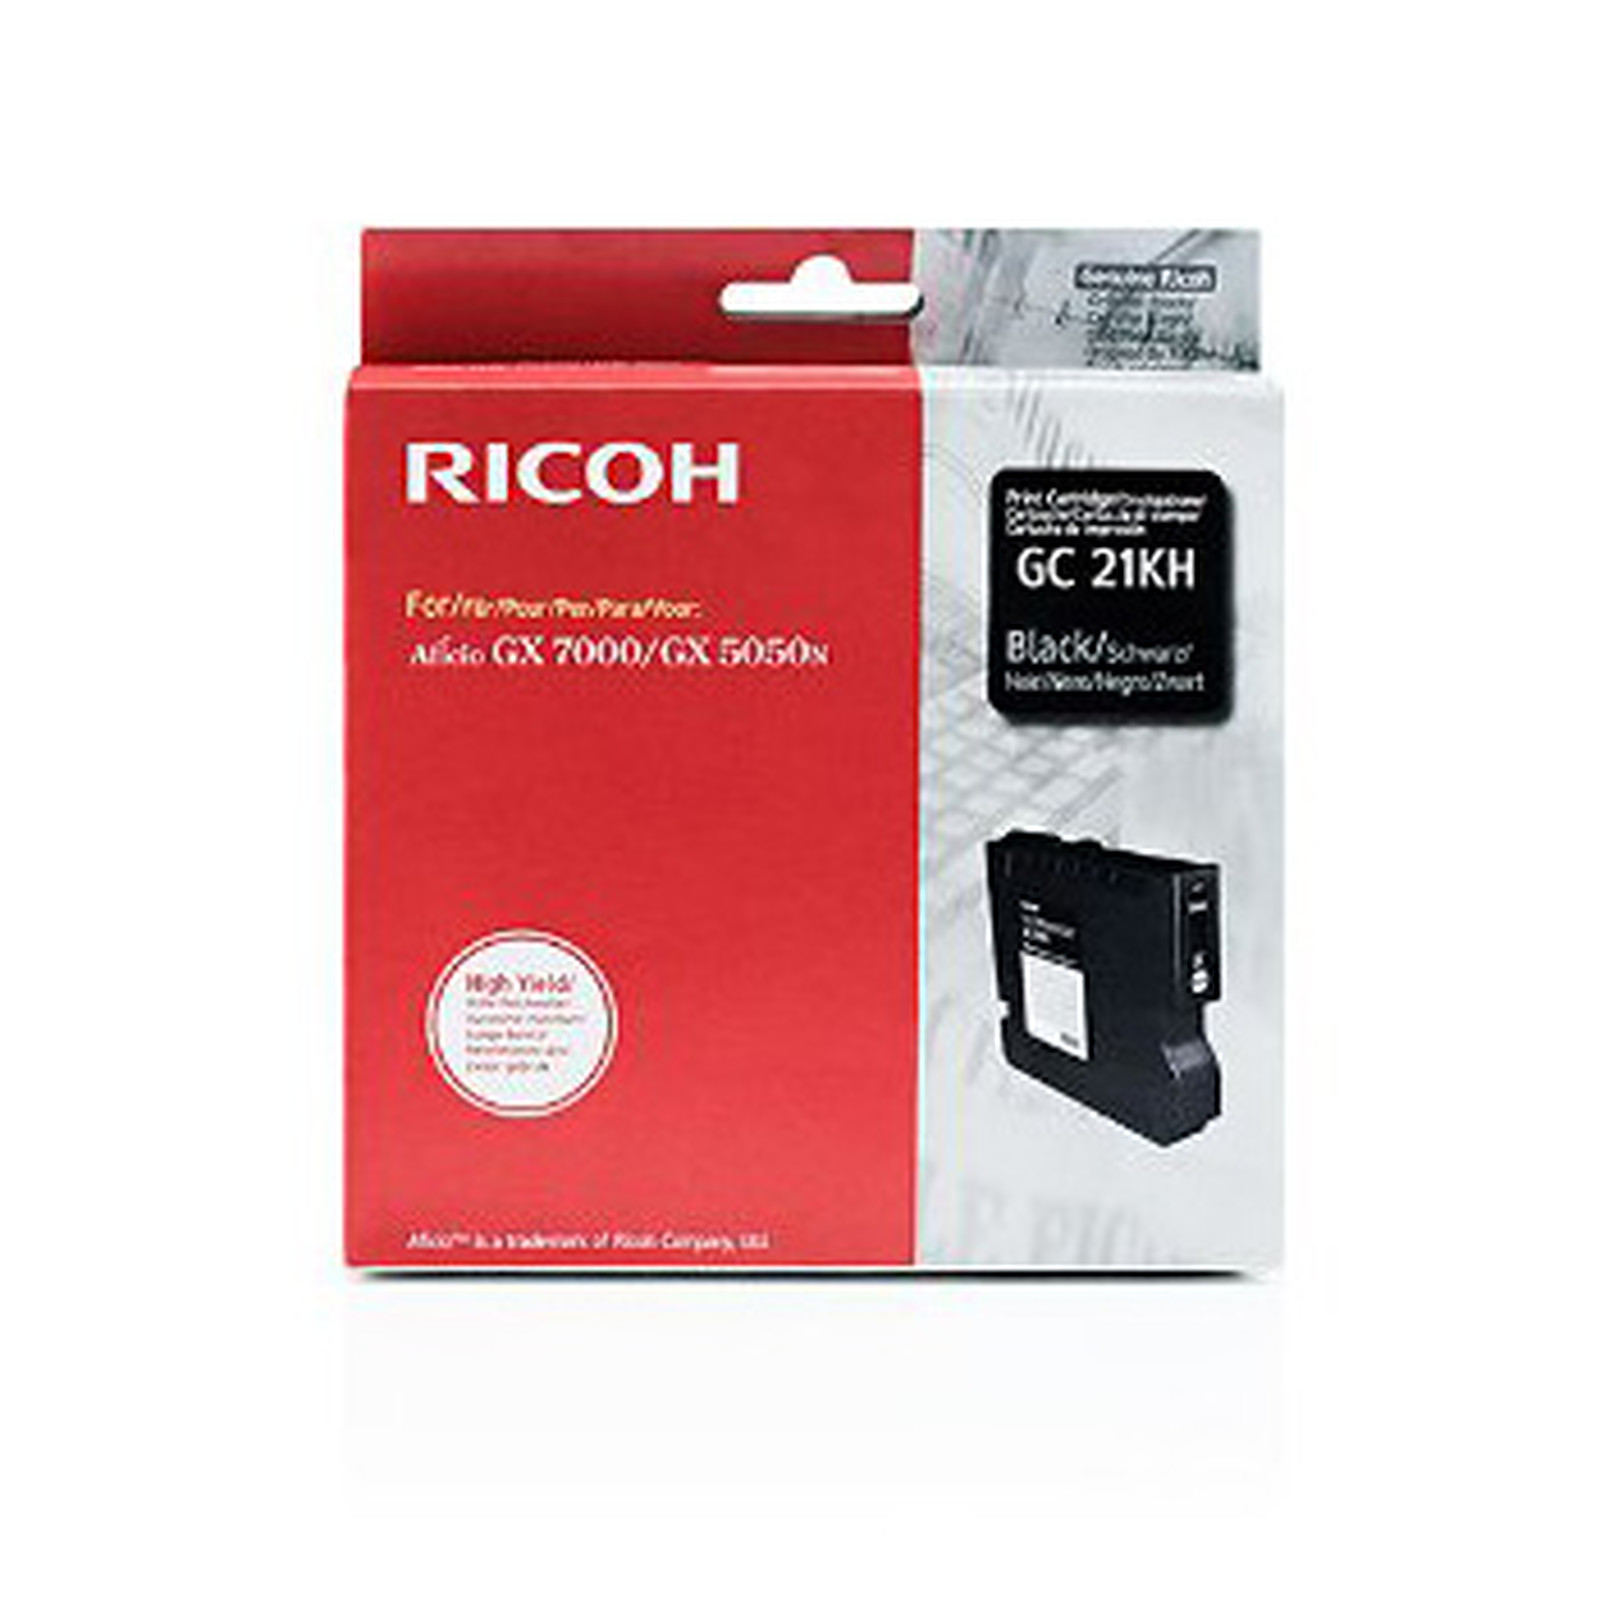 Ricoh GC21KH Noir - 405536